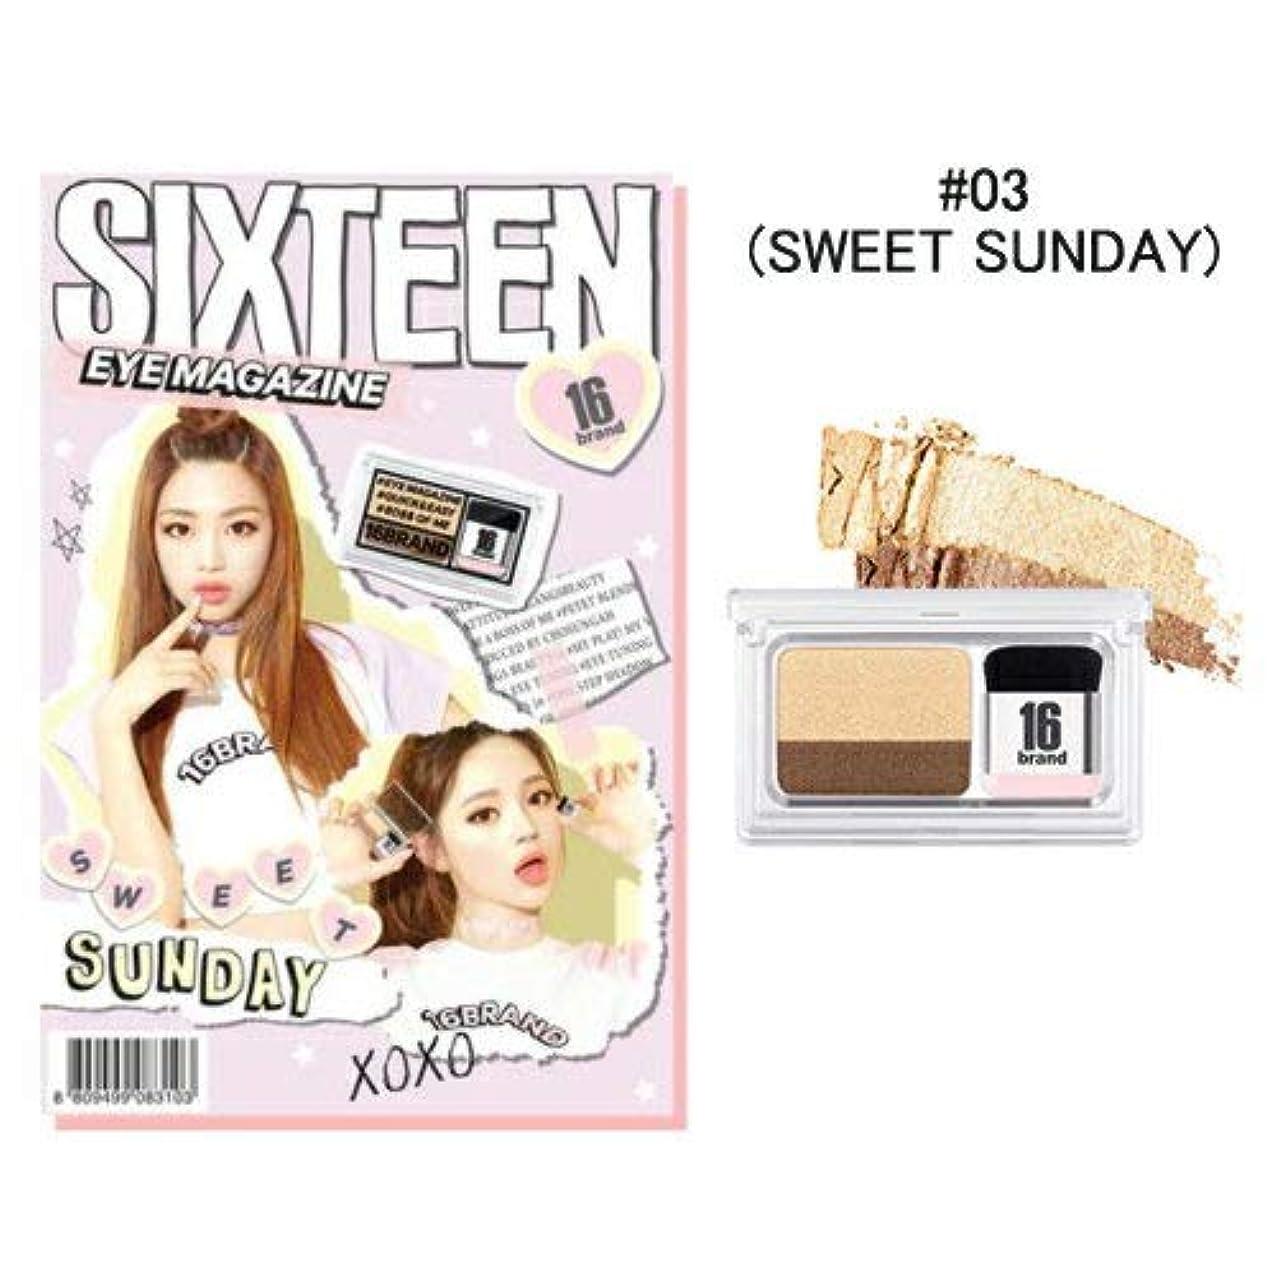 スキーム立証するファイバ[New Color] 16brand Sixteen Eye Magazine 2g /16ブランド シックスティーン アイ マガジン 2g (#03 SWEET SUNDAY) [並行輸入品]